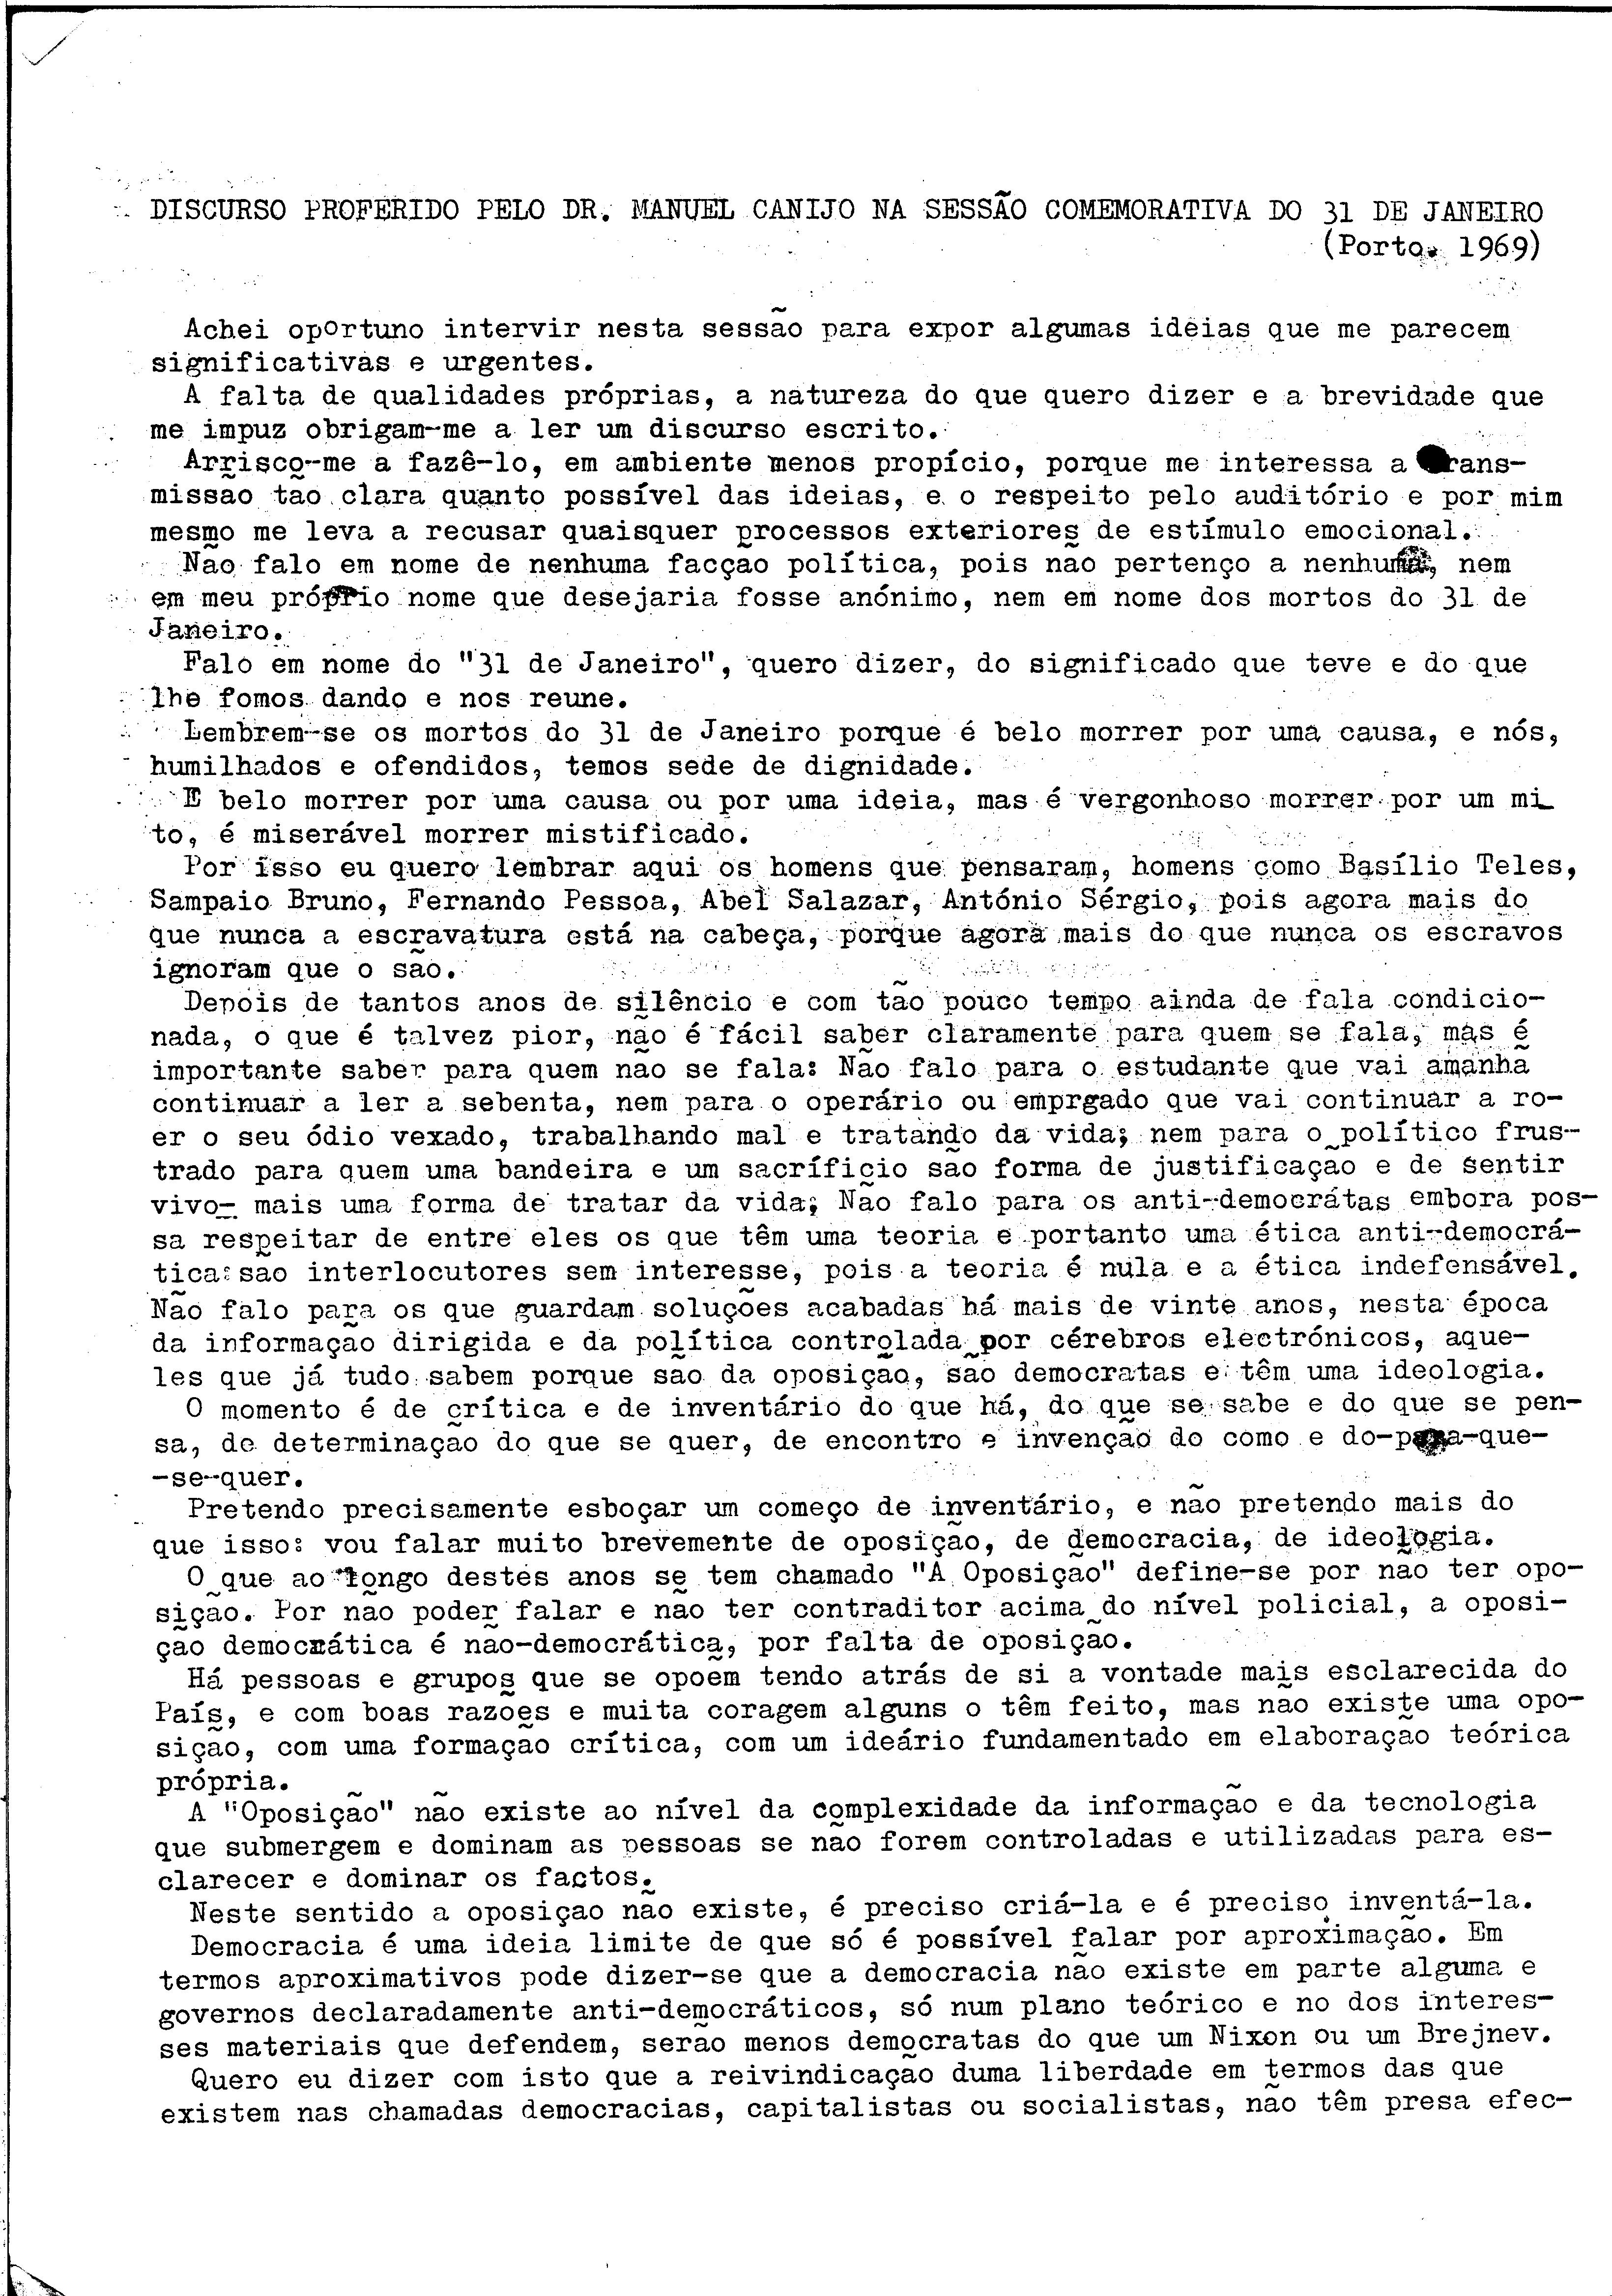 02582.035- pag.1